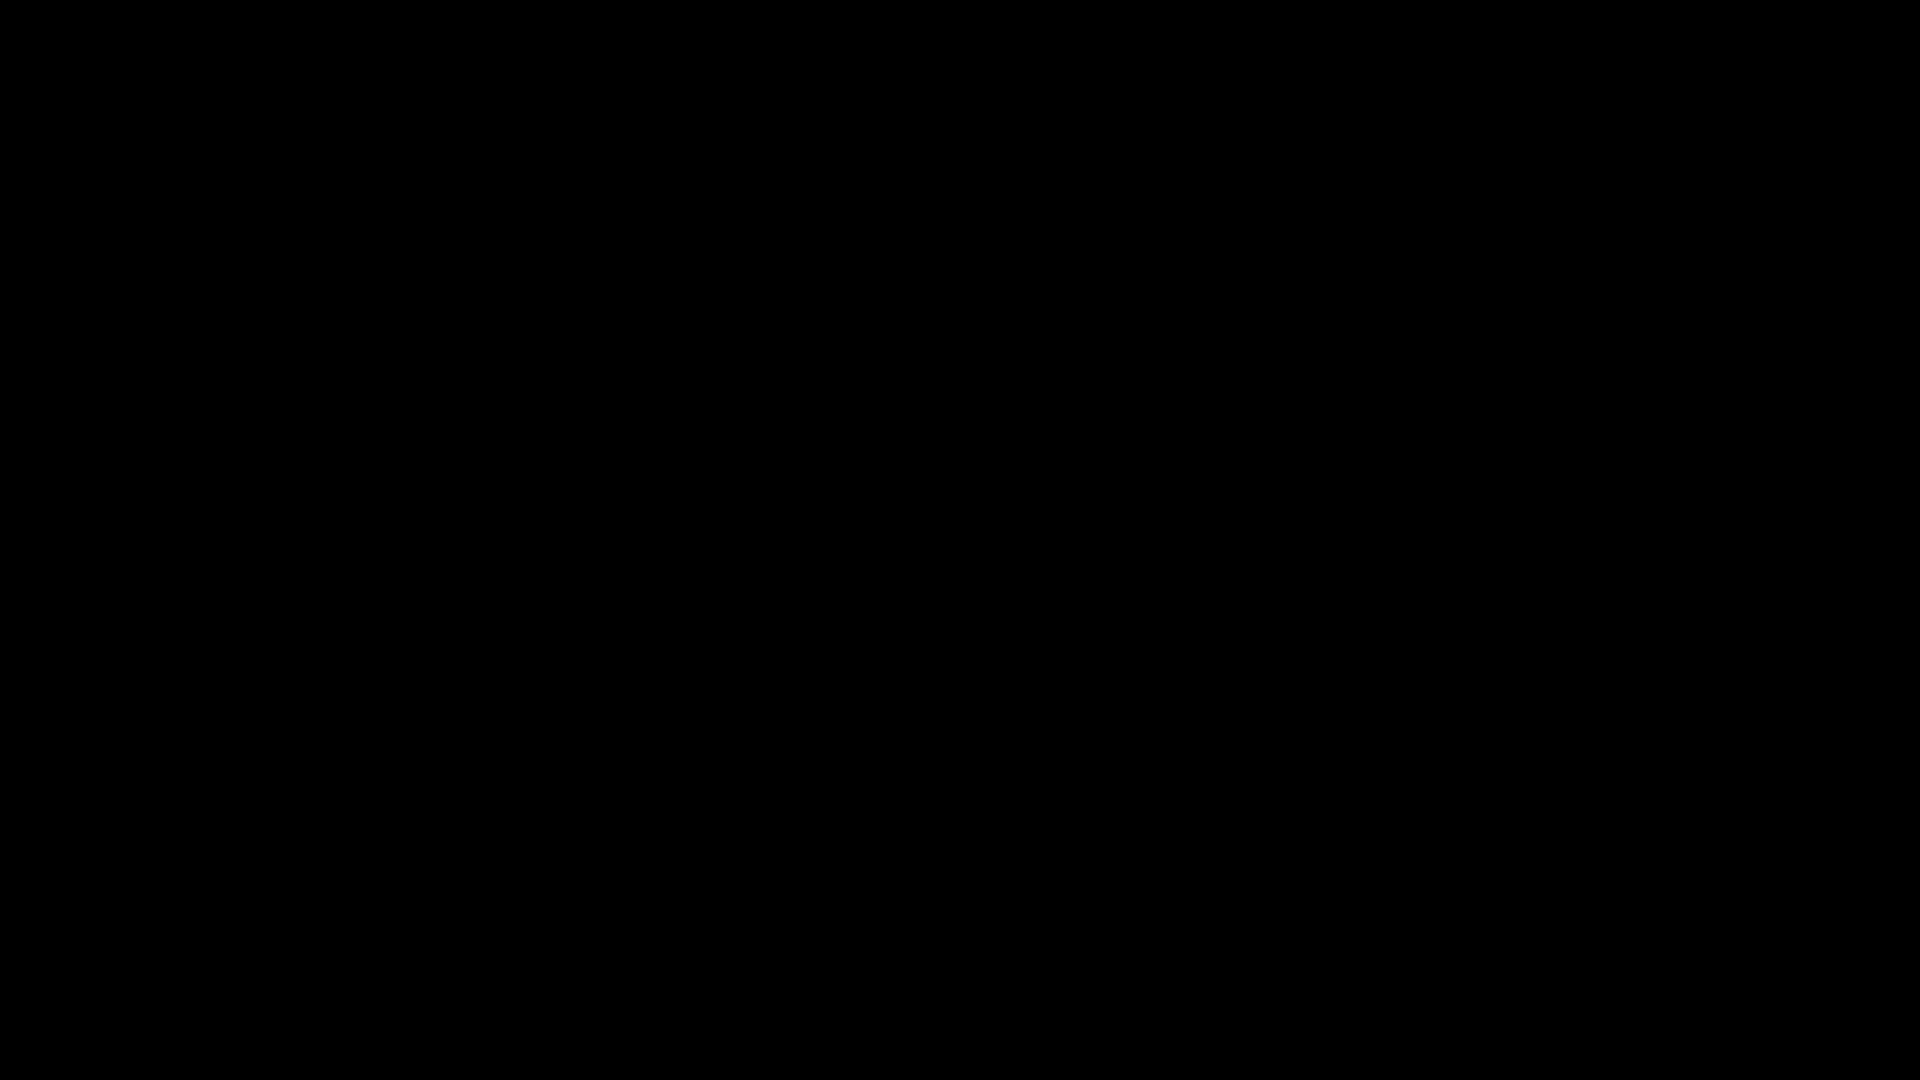 Kazu dans la nuit